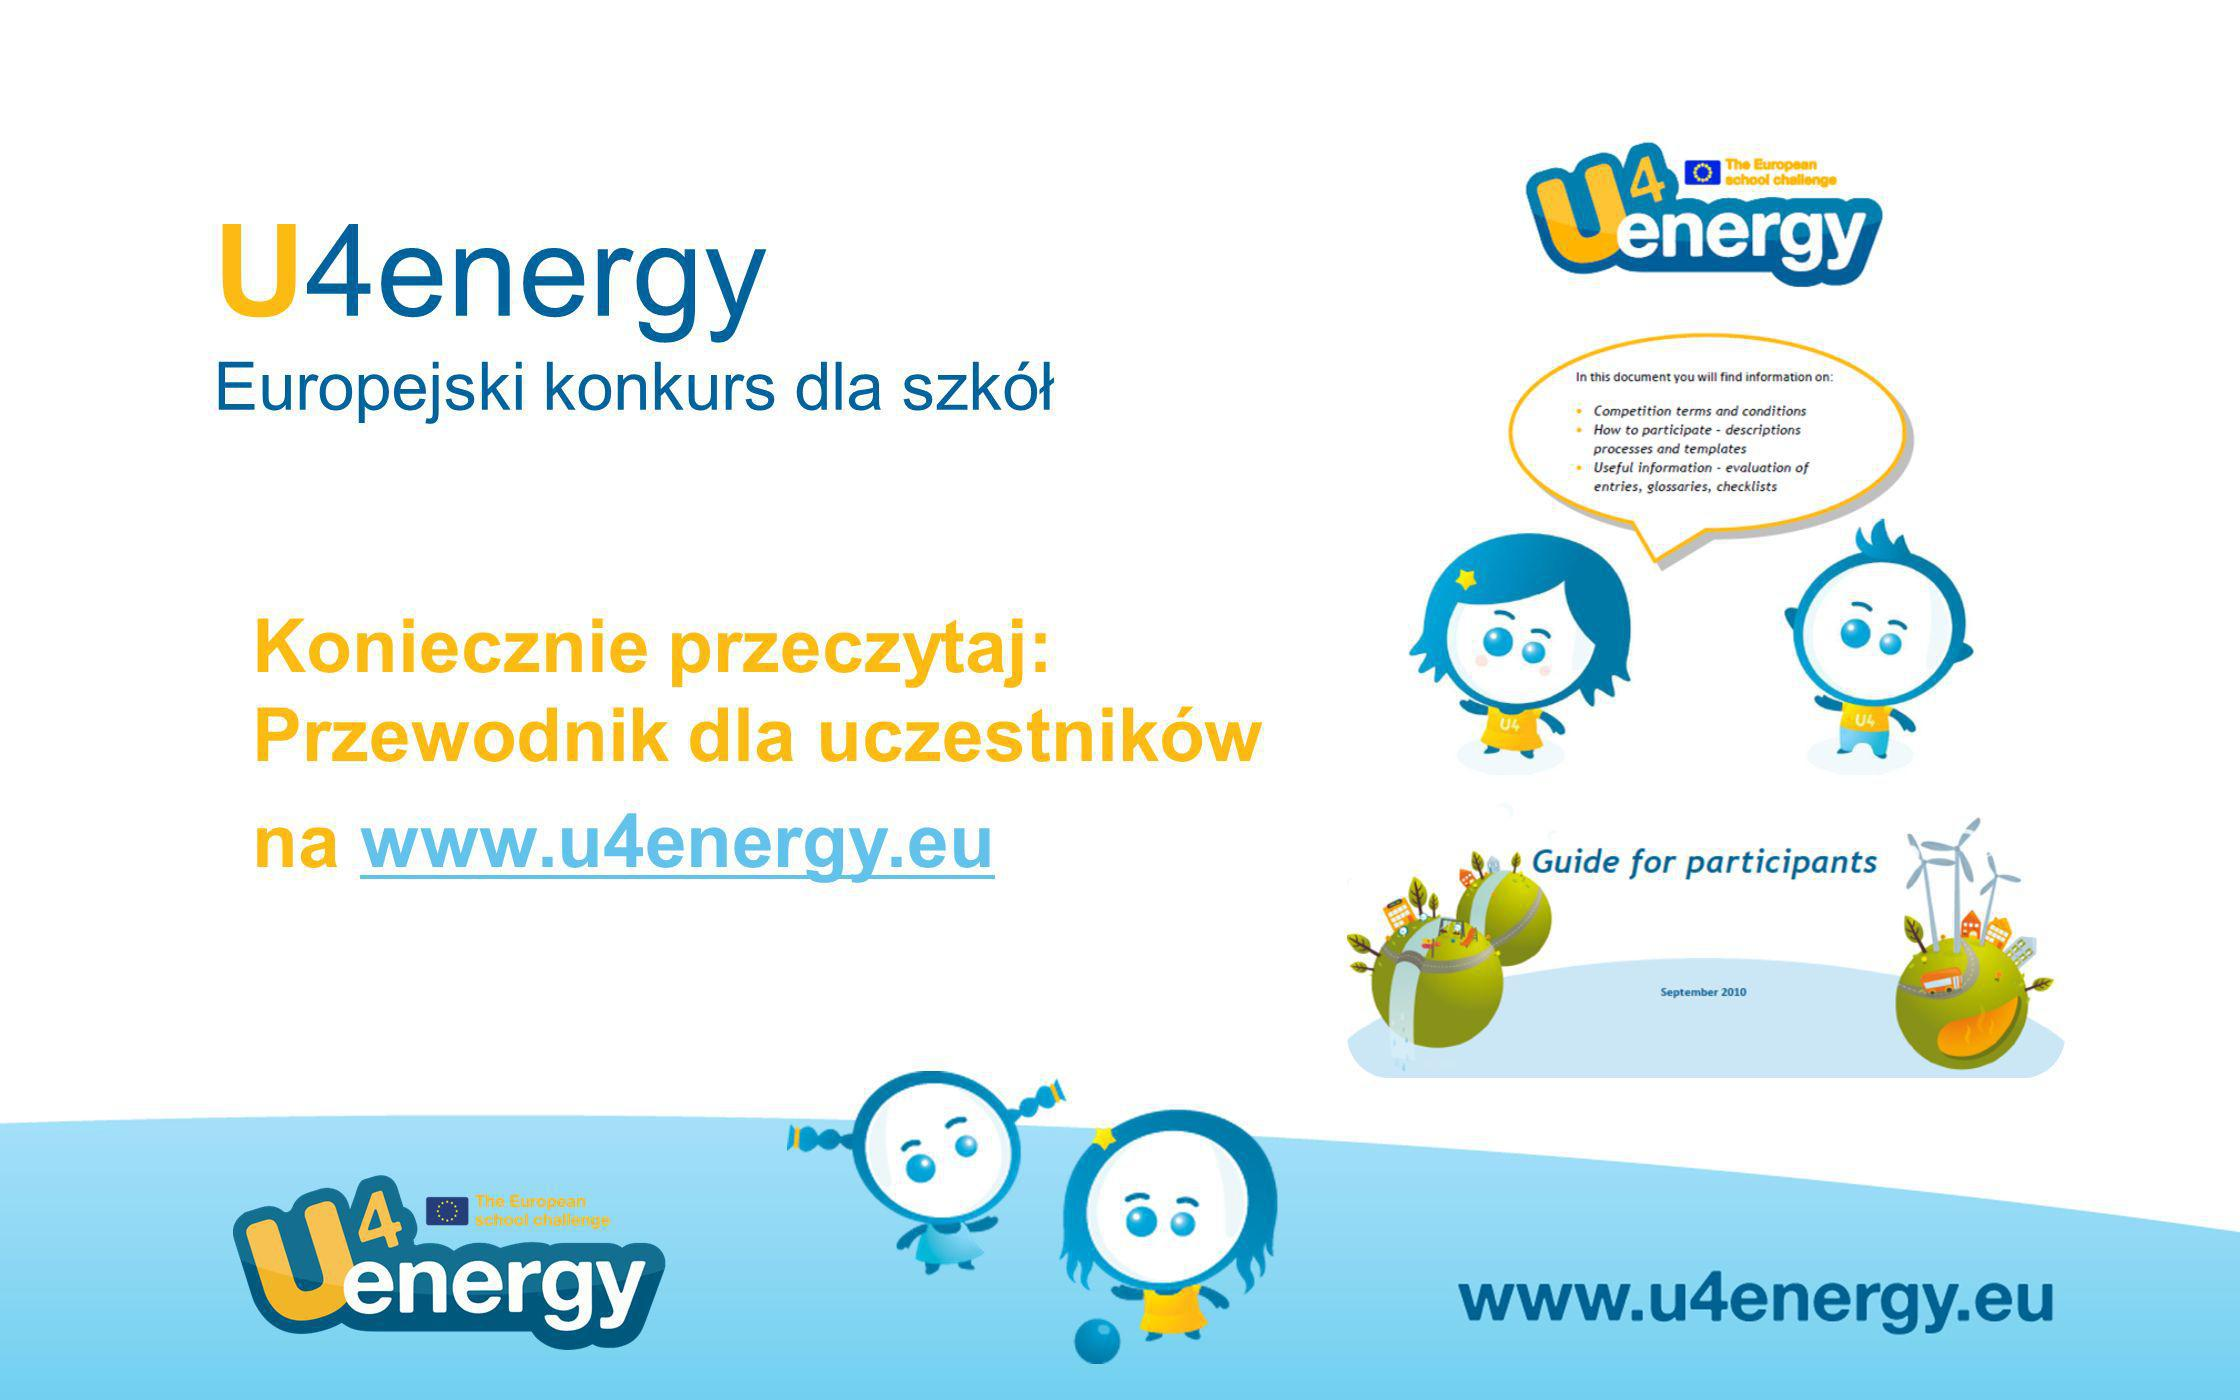 U4energy Europejski konkurs dla szkół Koniecznie przeczytaj: Przewodnik dla uczestników na www.u4energy.euwww.u4energy.eu